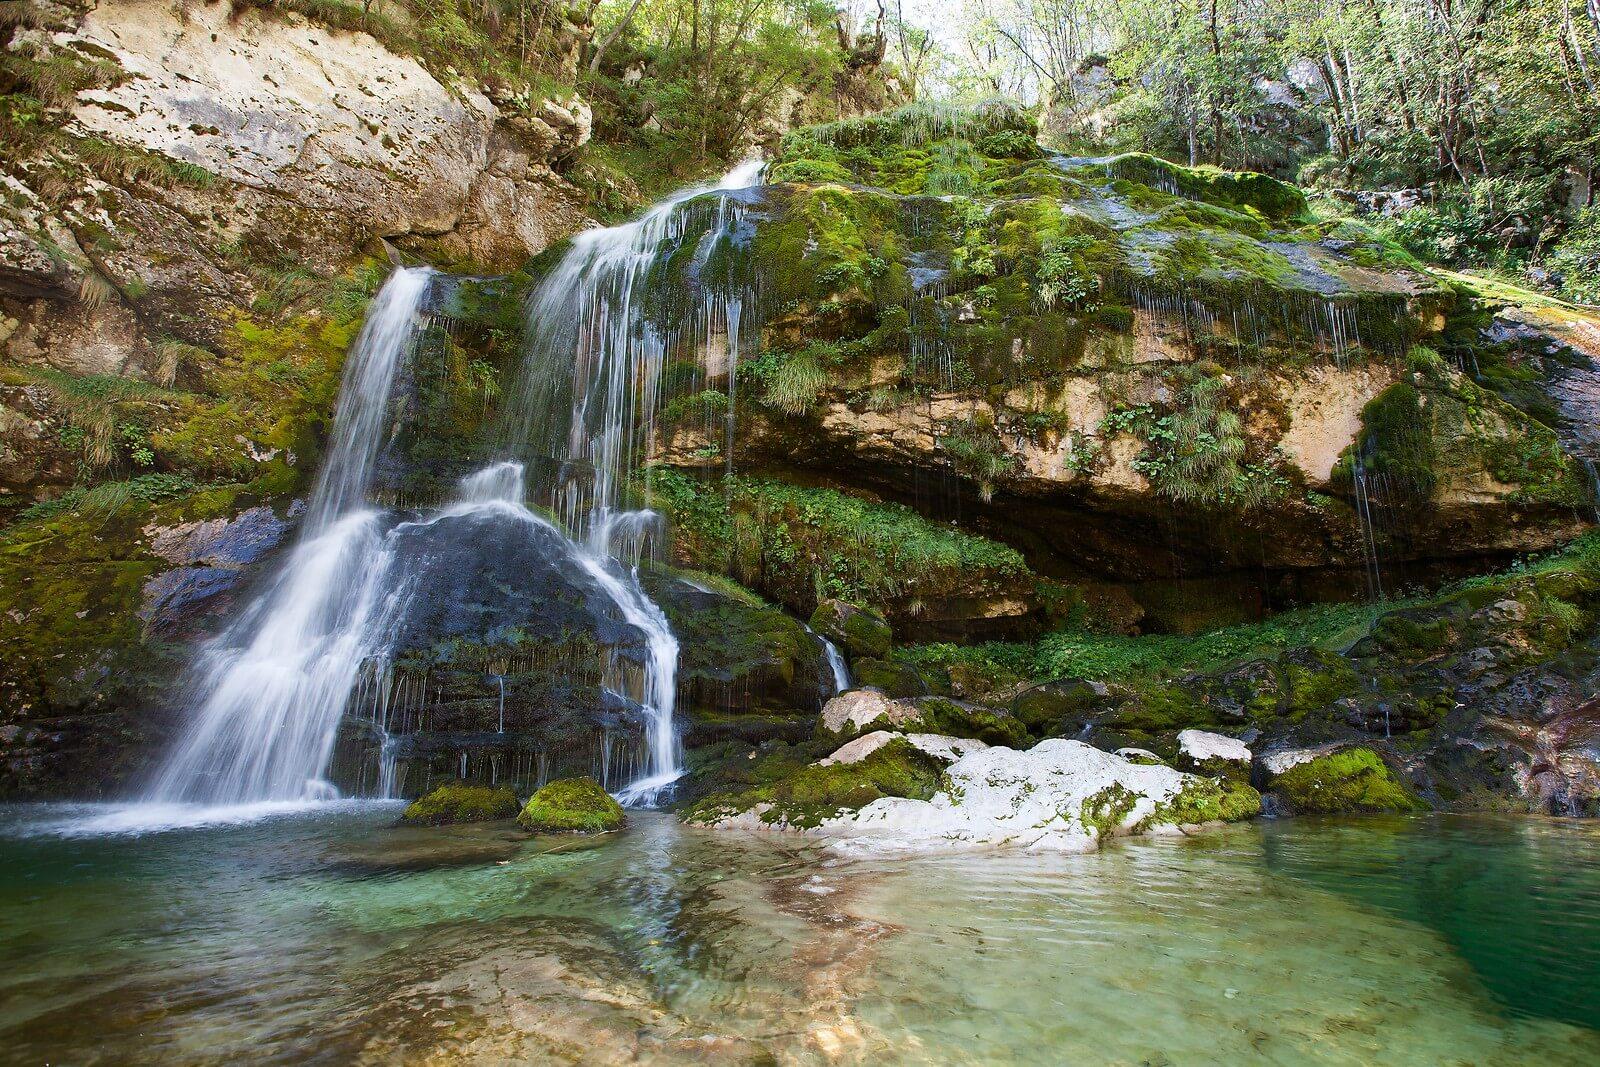 Namig za izlet v 2021: Slap Virje in potok Gljun